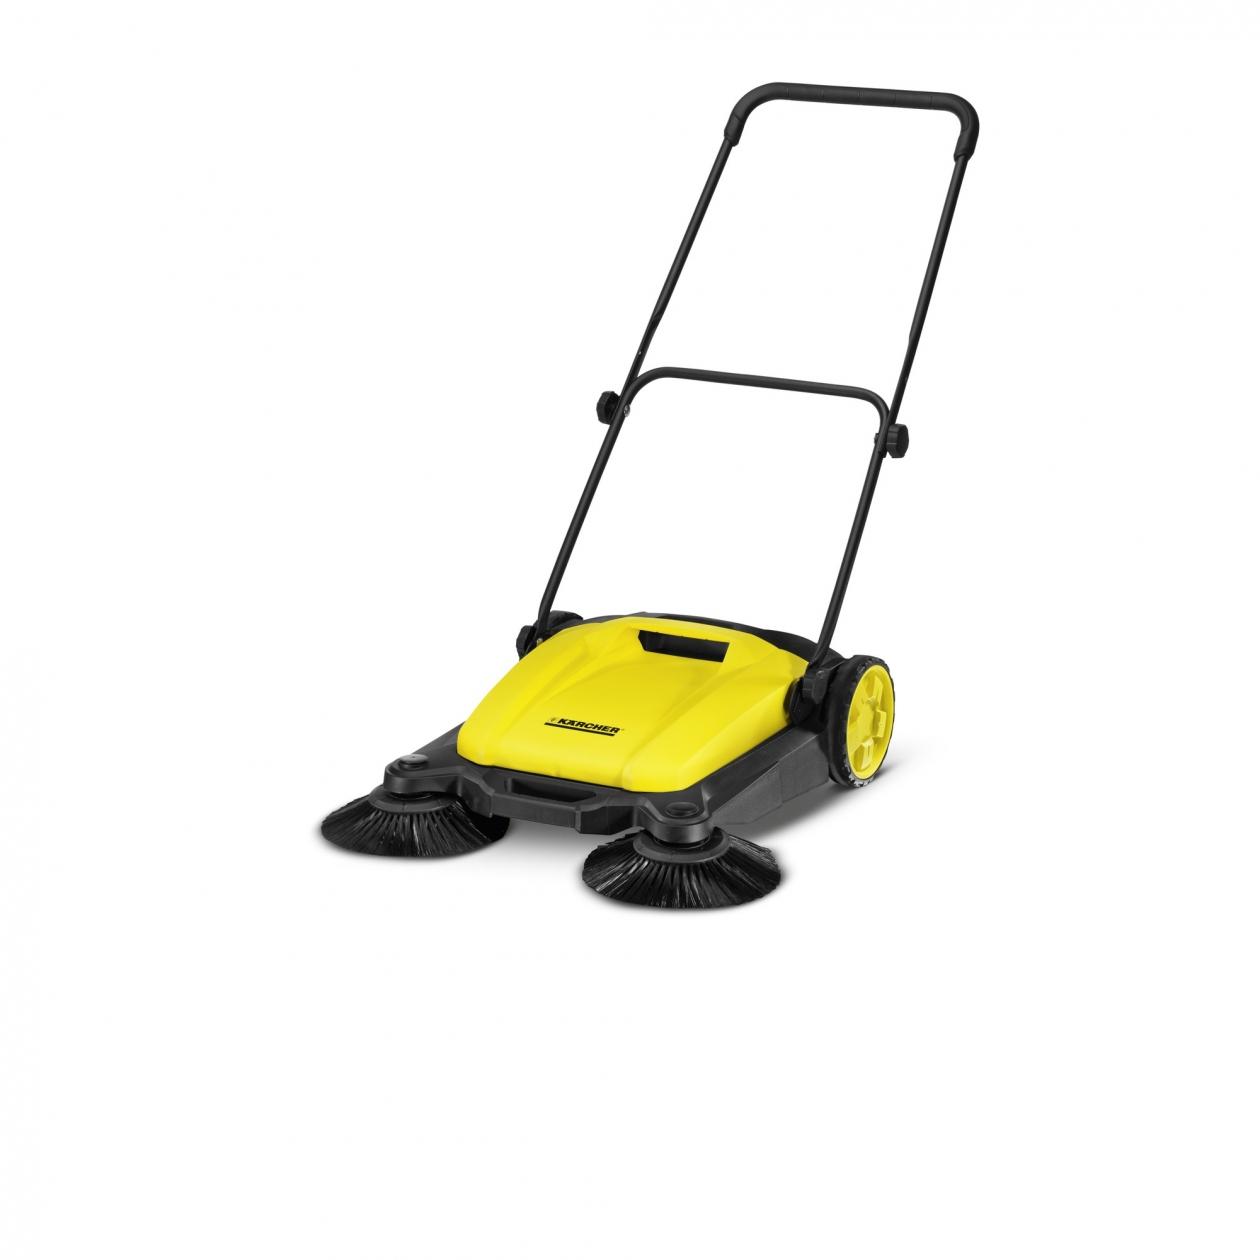 Baumarkt Wittig » Reinigungsgeräte » Bodenreiniger